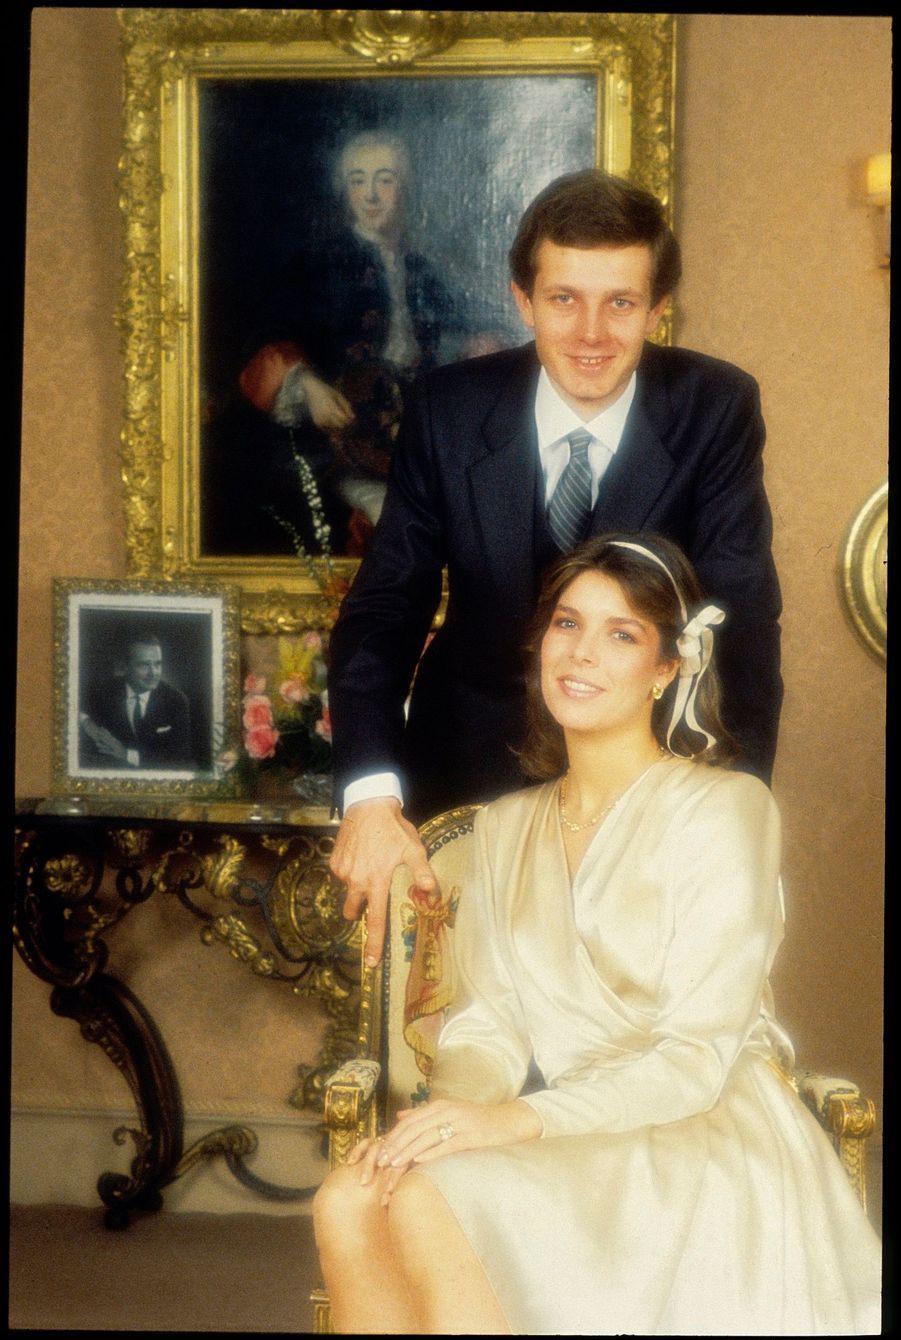 Le mariage de Caroline de Monaco et Stefano Casiraghi, le 29 décembre 1983.